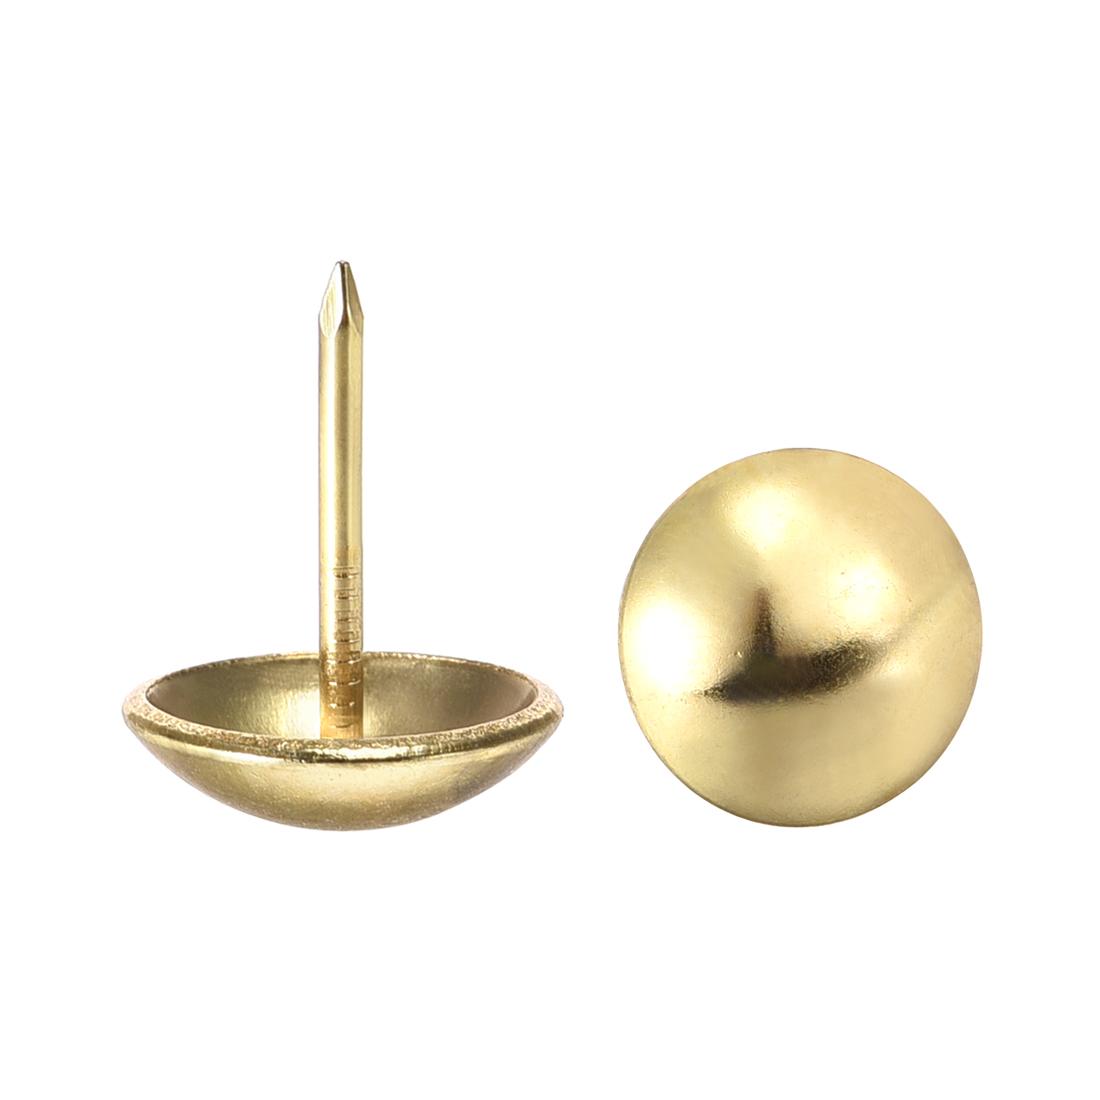 Upholstery Nails Tacks 16mm Dia 20mm Height Round Thumb Pins Gold Tone 25 Pcs